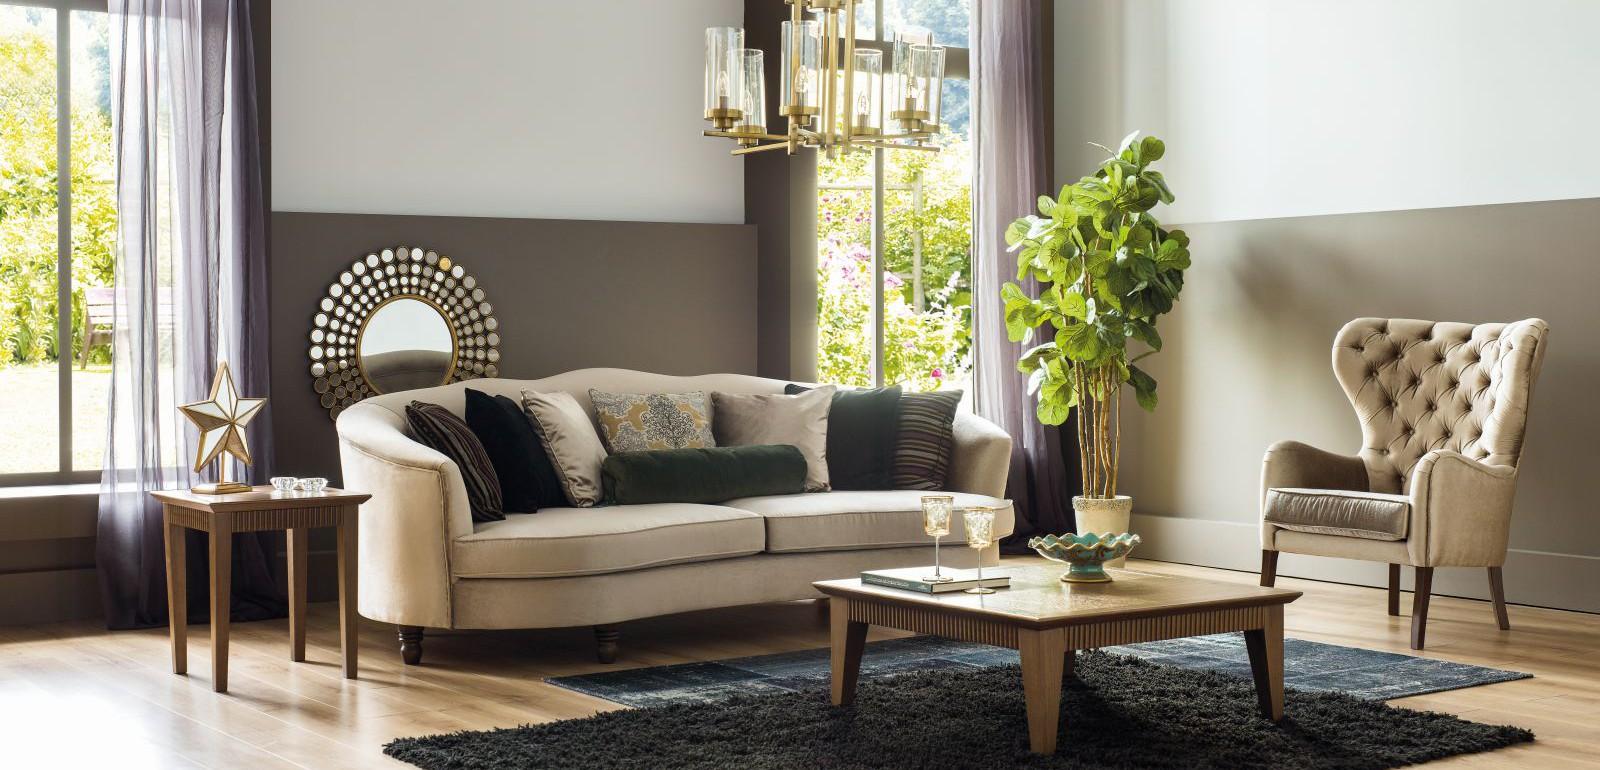 новая мебель в интерьере